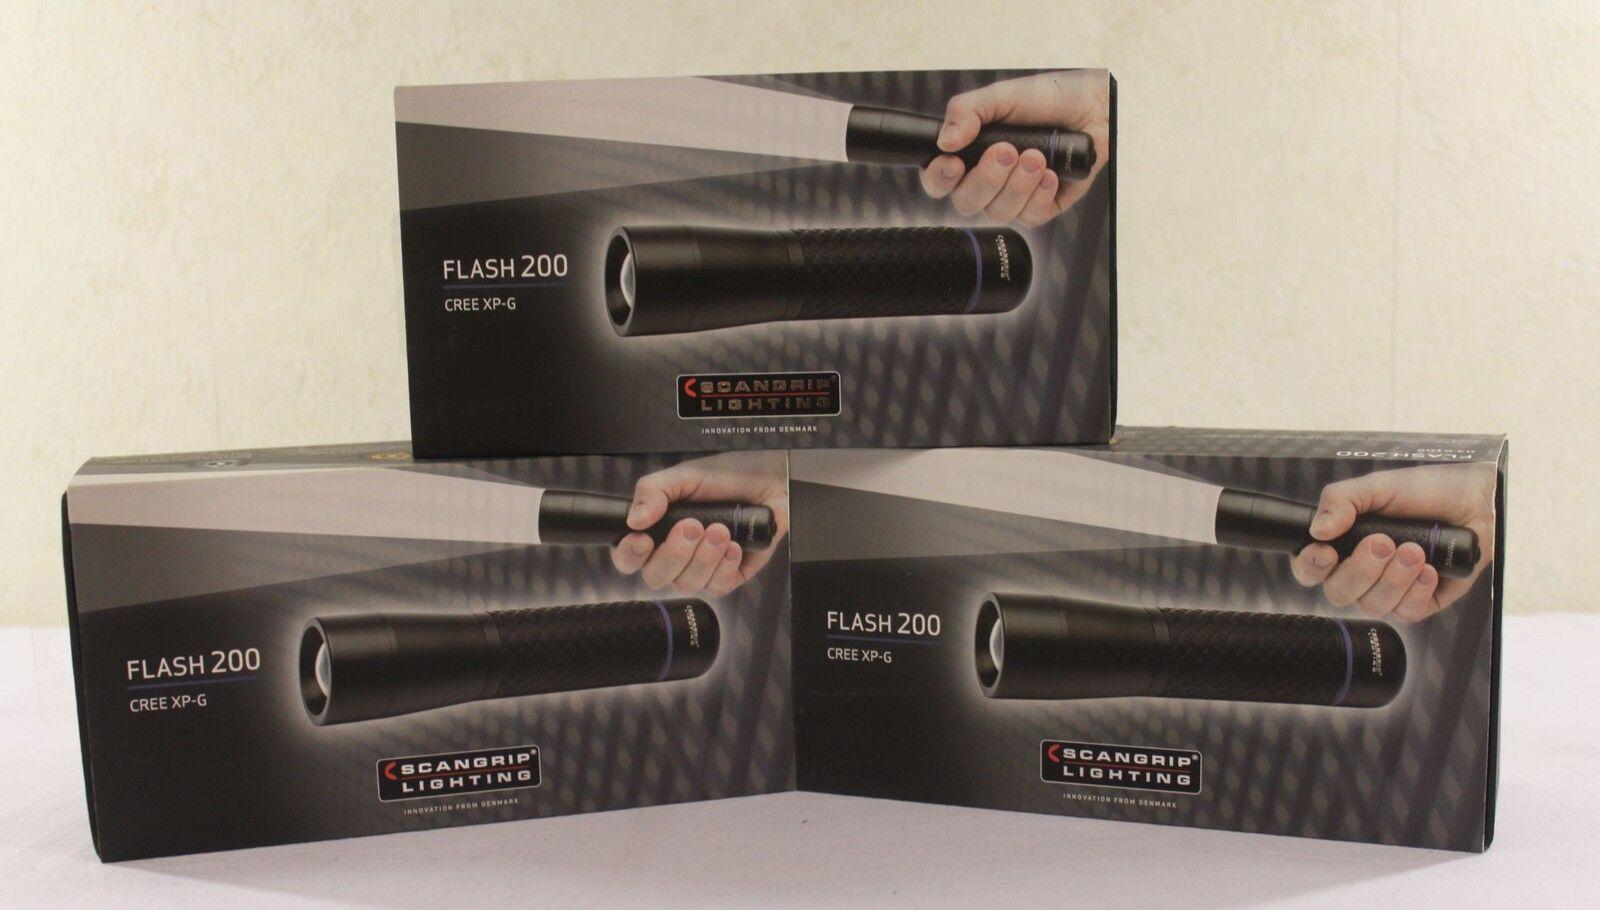 Scangrip LED Taschenlampe Flash 200 180m Leuchtw. mit Focusfunktion